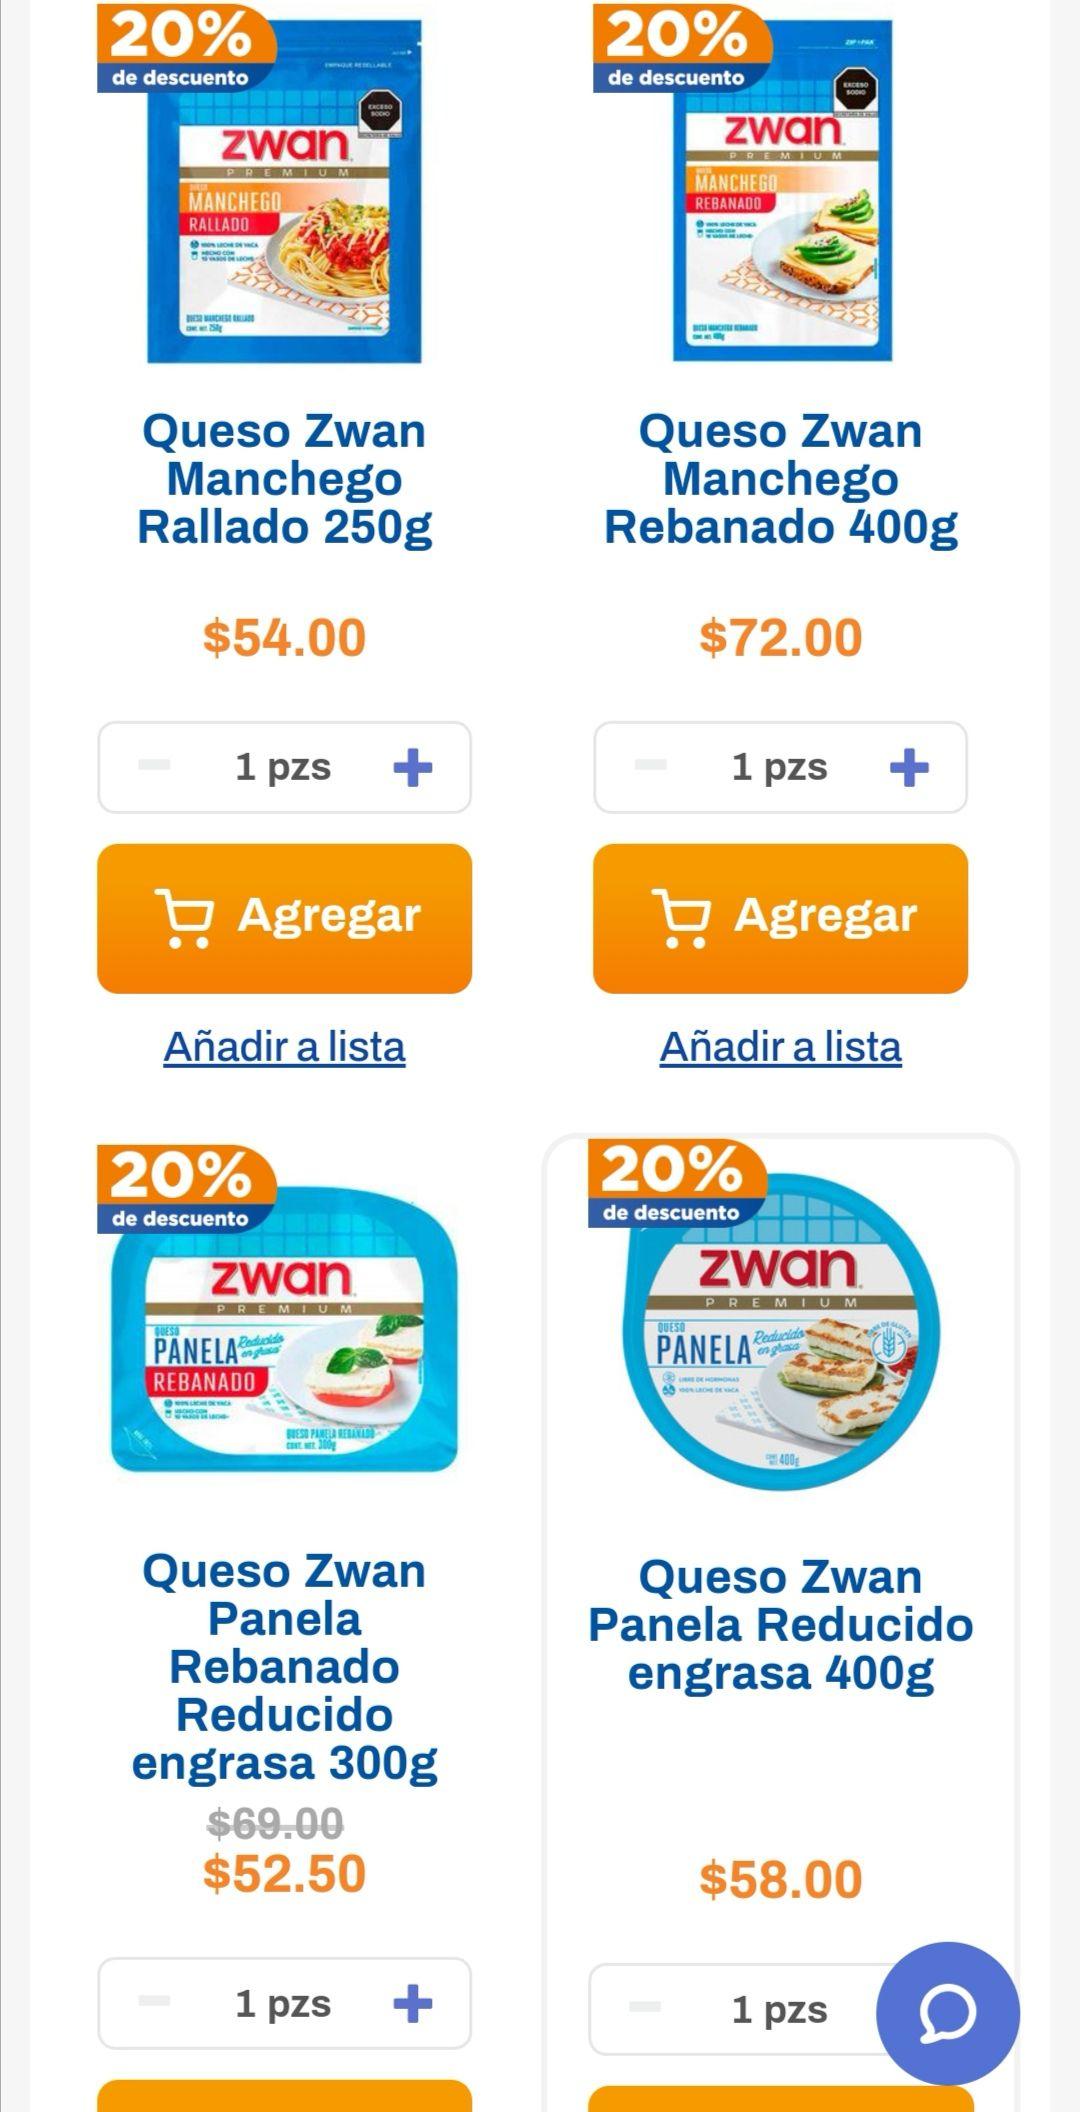 Chedraui: 20% de descuento en la compra a partir de 2 piezas de quesos Zwan empacados